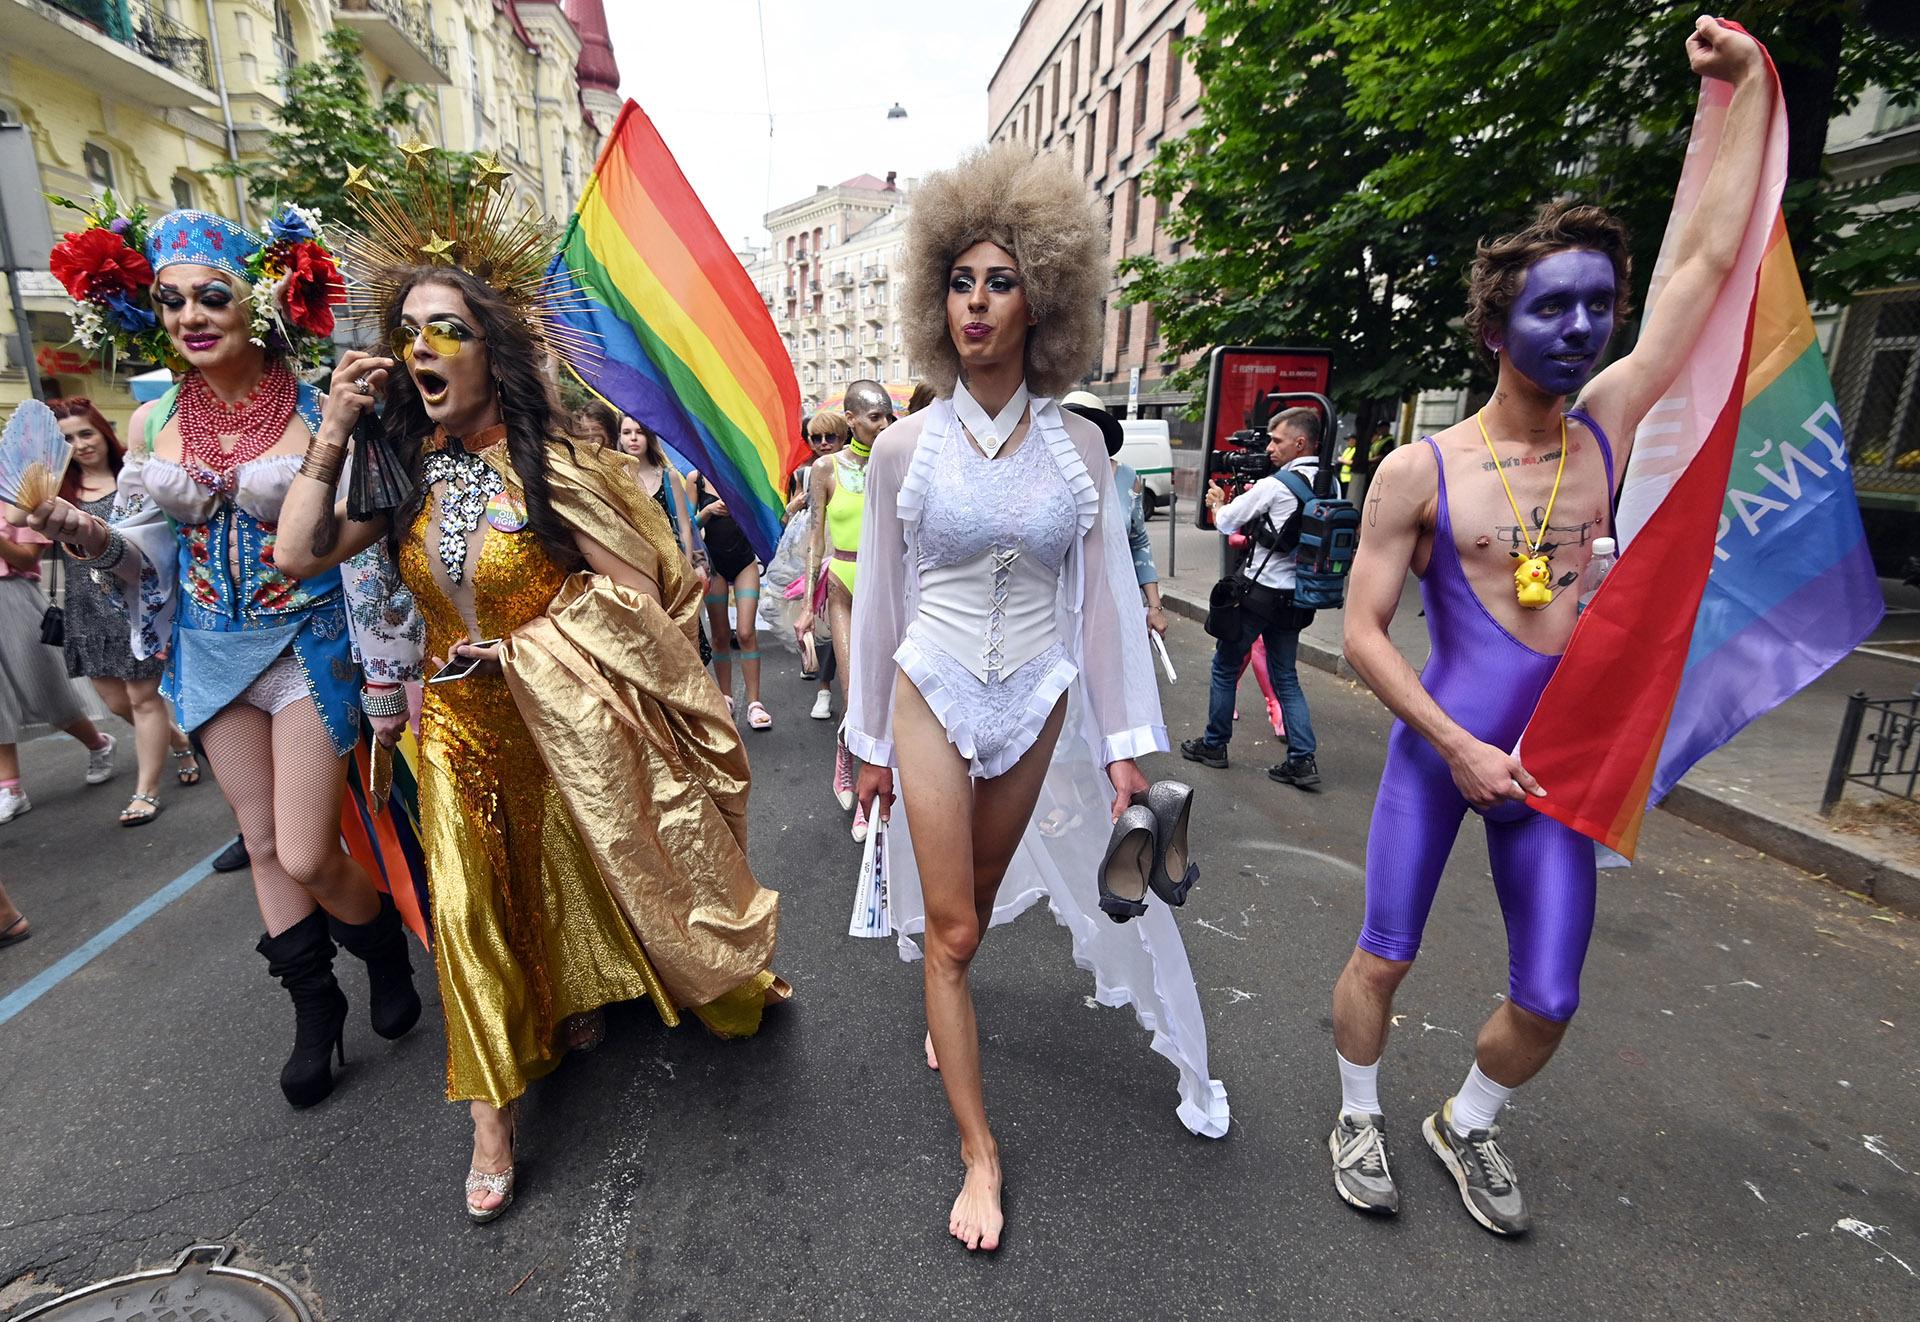 En Kiev, Ucrania, más de 8.000 personas participaron del desfile anual del Orgullo Gay realizado el 23 de junio. Caracterizados con vestimenta típica ucraniana y con banderas del movimiento LGTBIQ, marcharon por el centro de la capital con policías escoltándolos y tropas de la Guardia Nacional